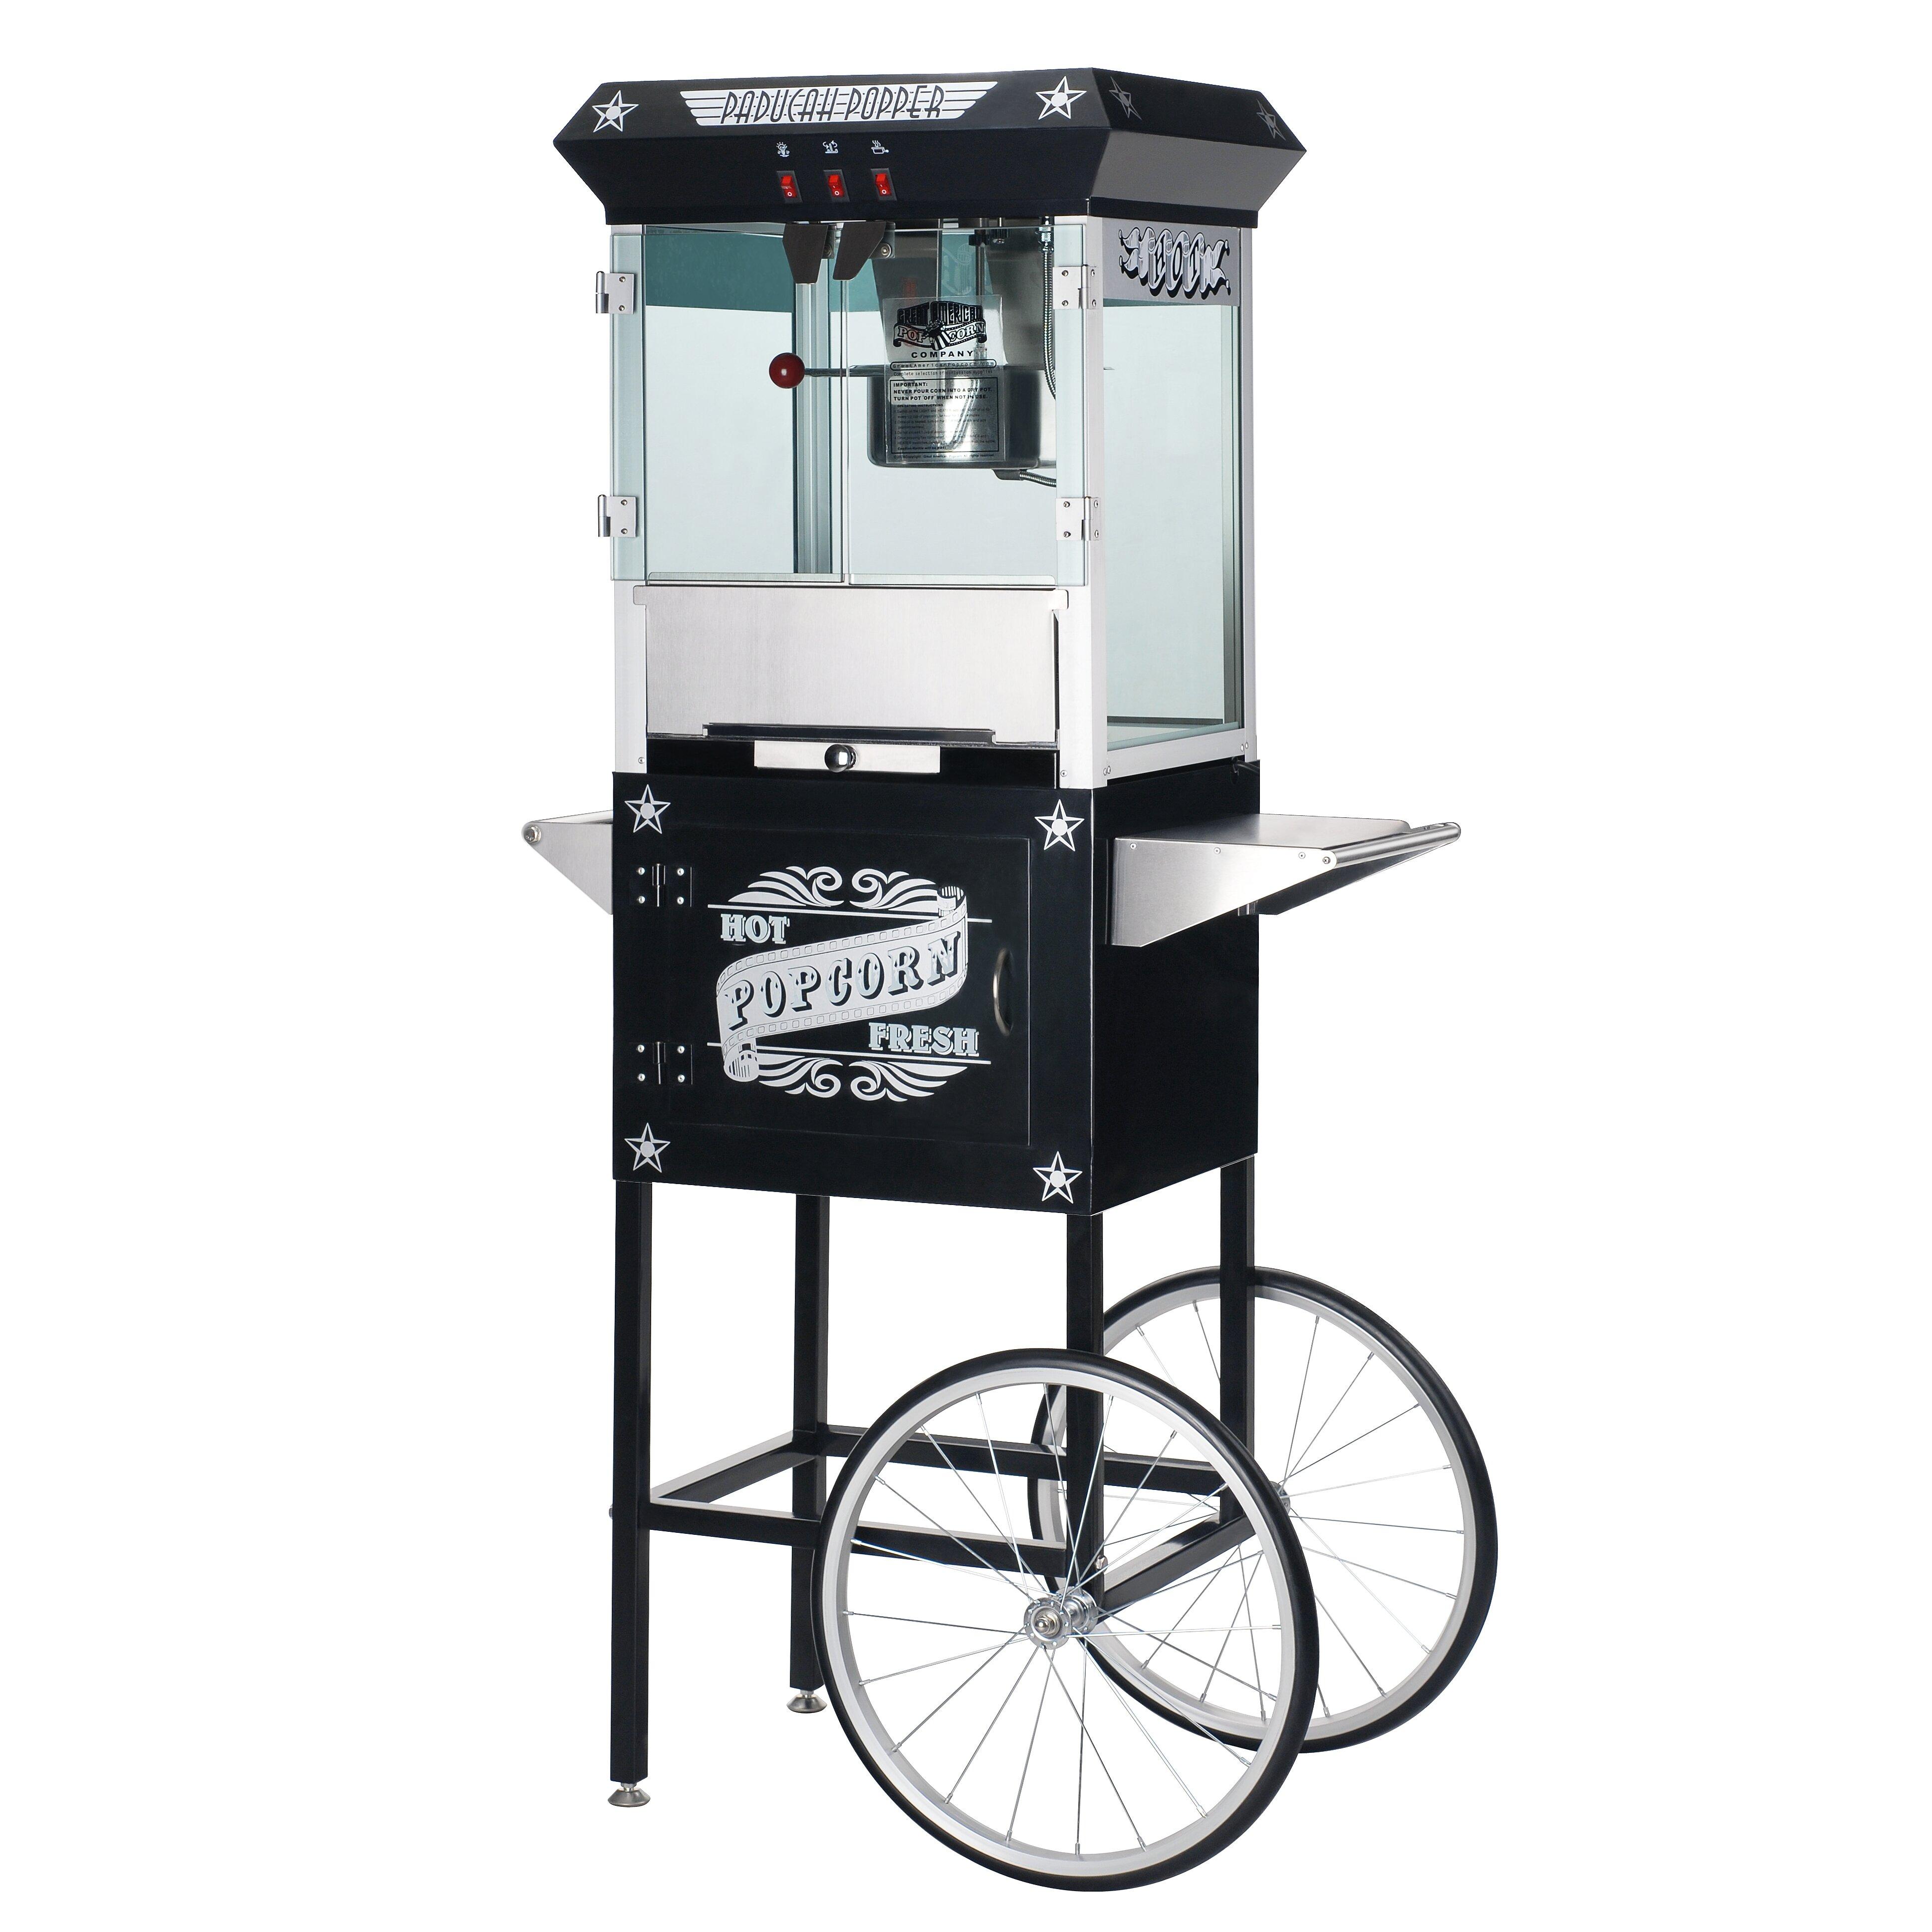 paducah popcorn machine